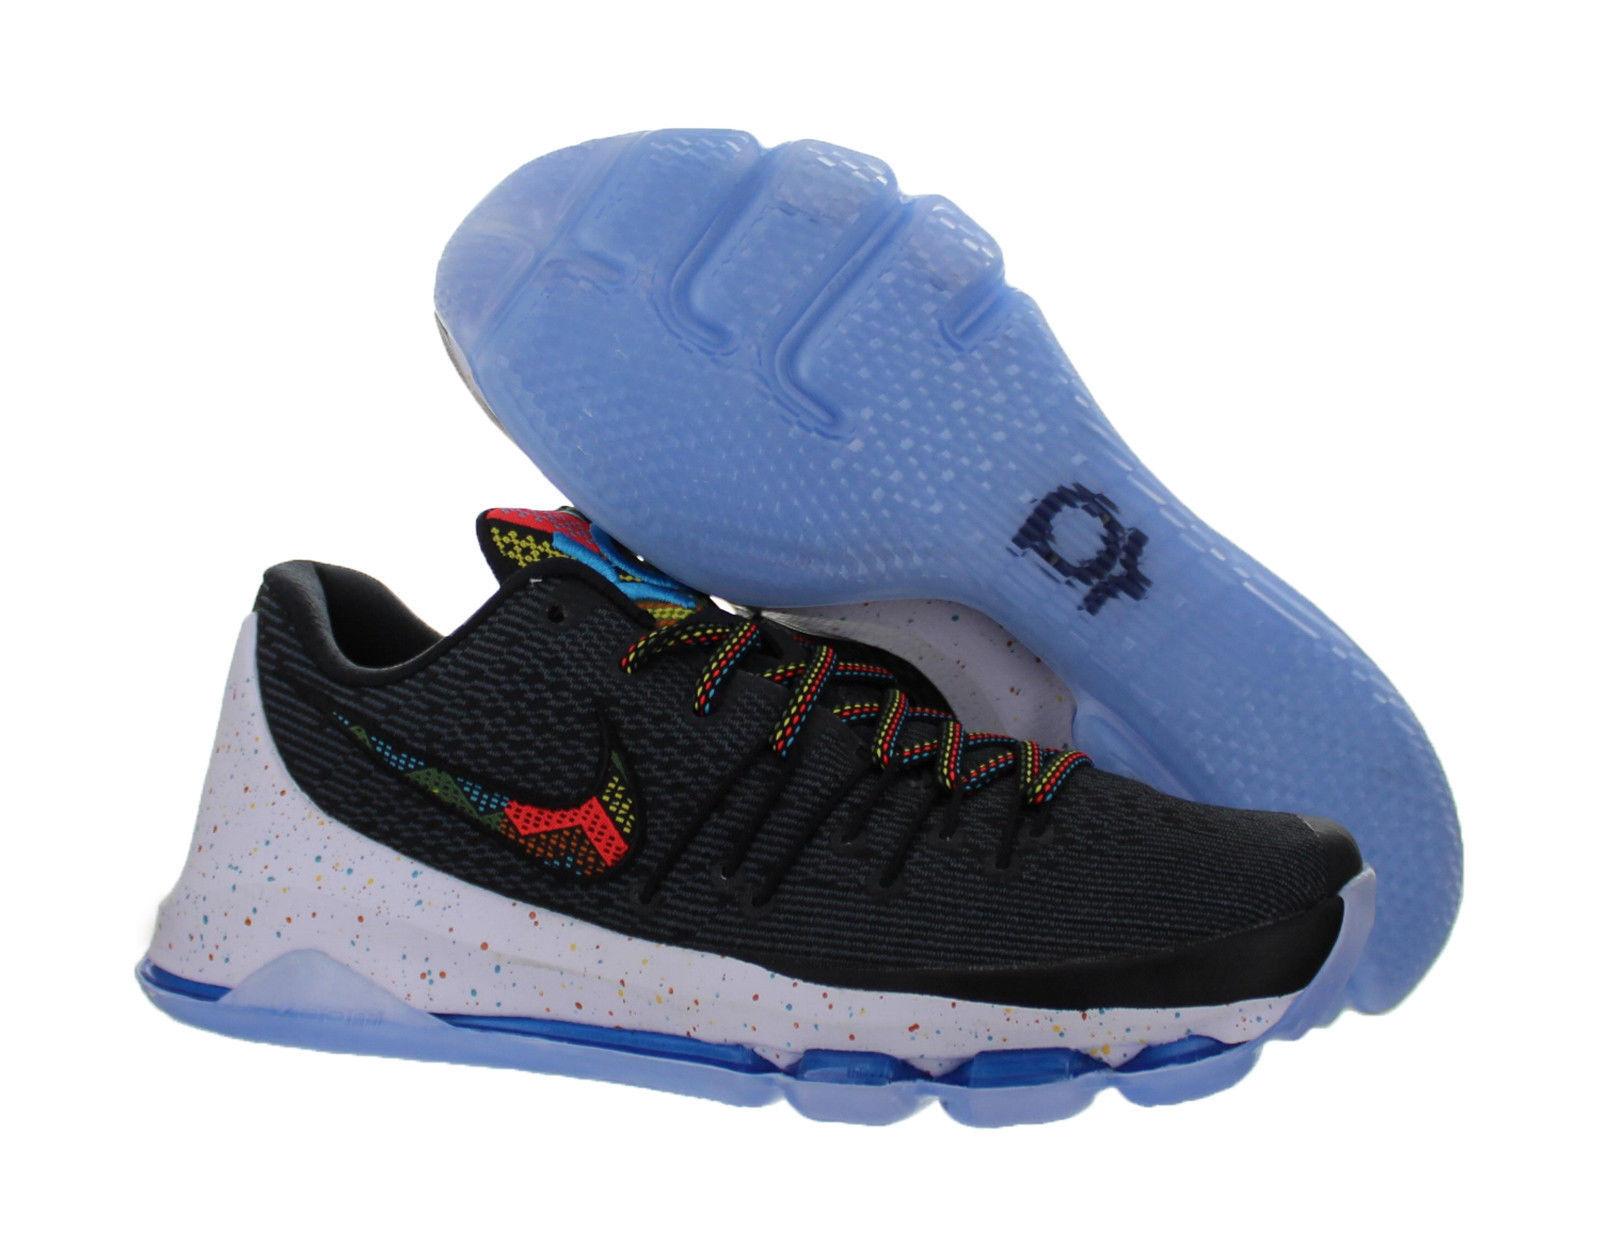 New New New NIKE Uomo KD 8 BHM scarpe nero HISTORY MONTH nero   Multi Colorees 824420-090 7f14f8